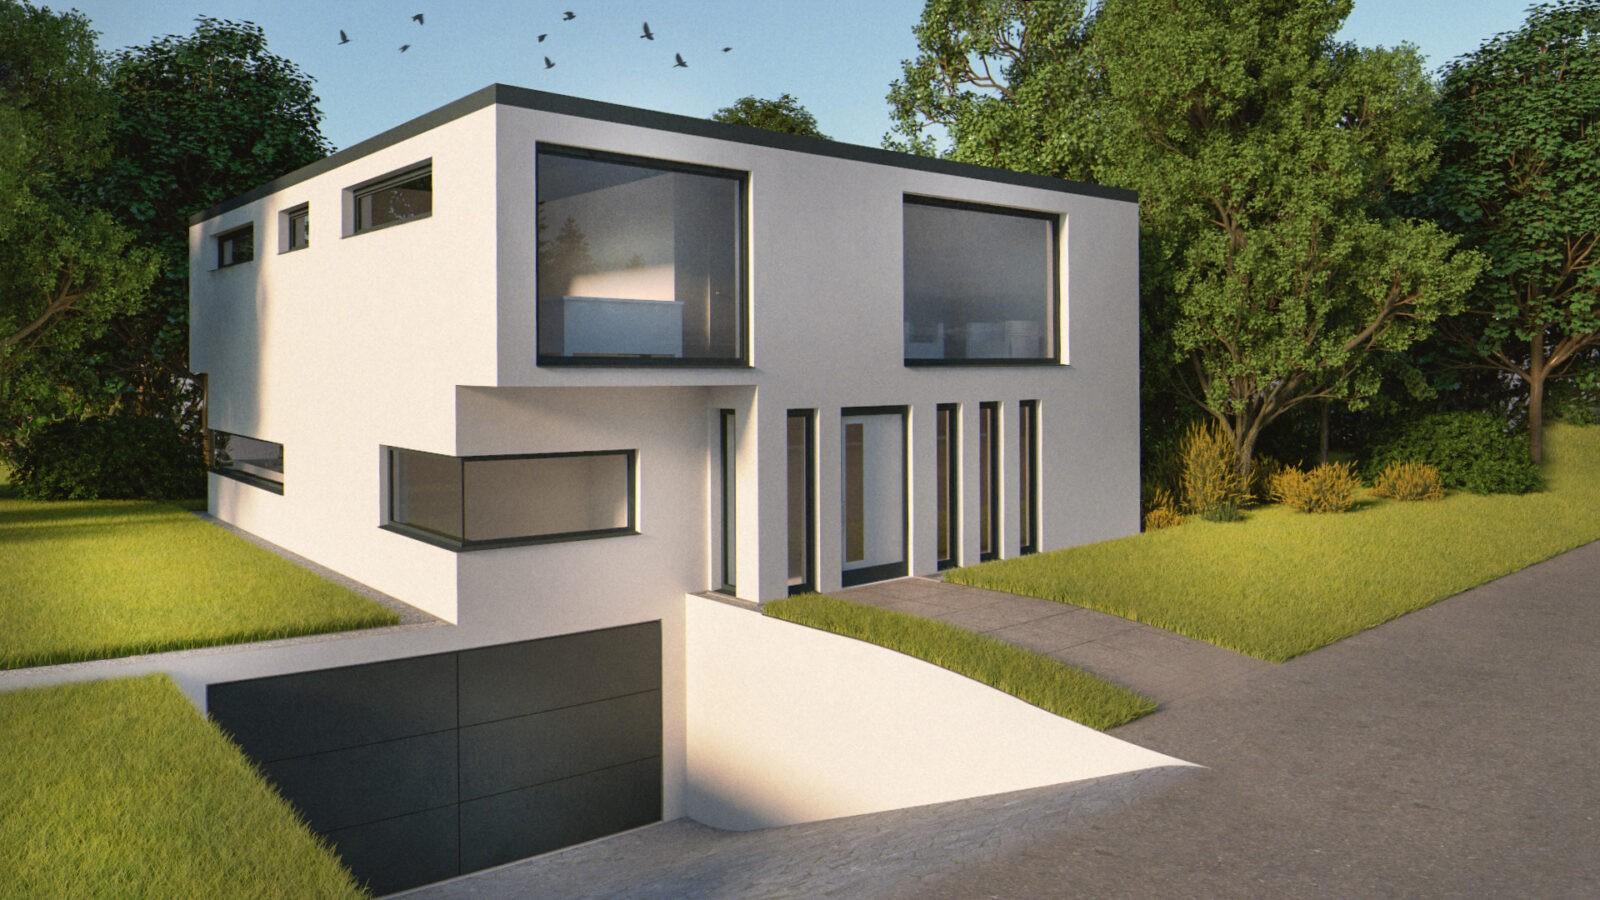 Minimalistisches Haus mit Garageneinfahrt in grüner Umgebung